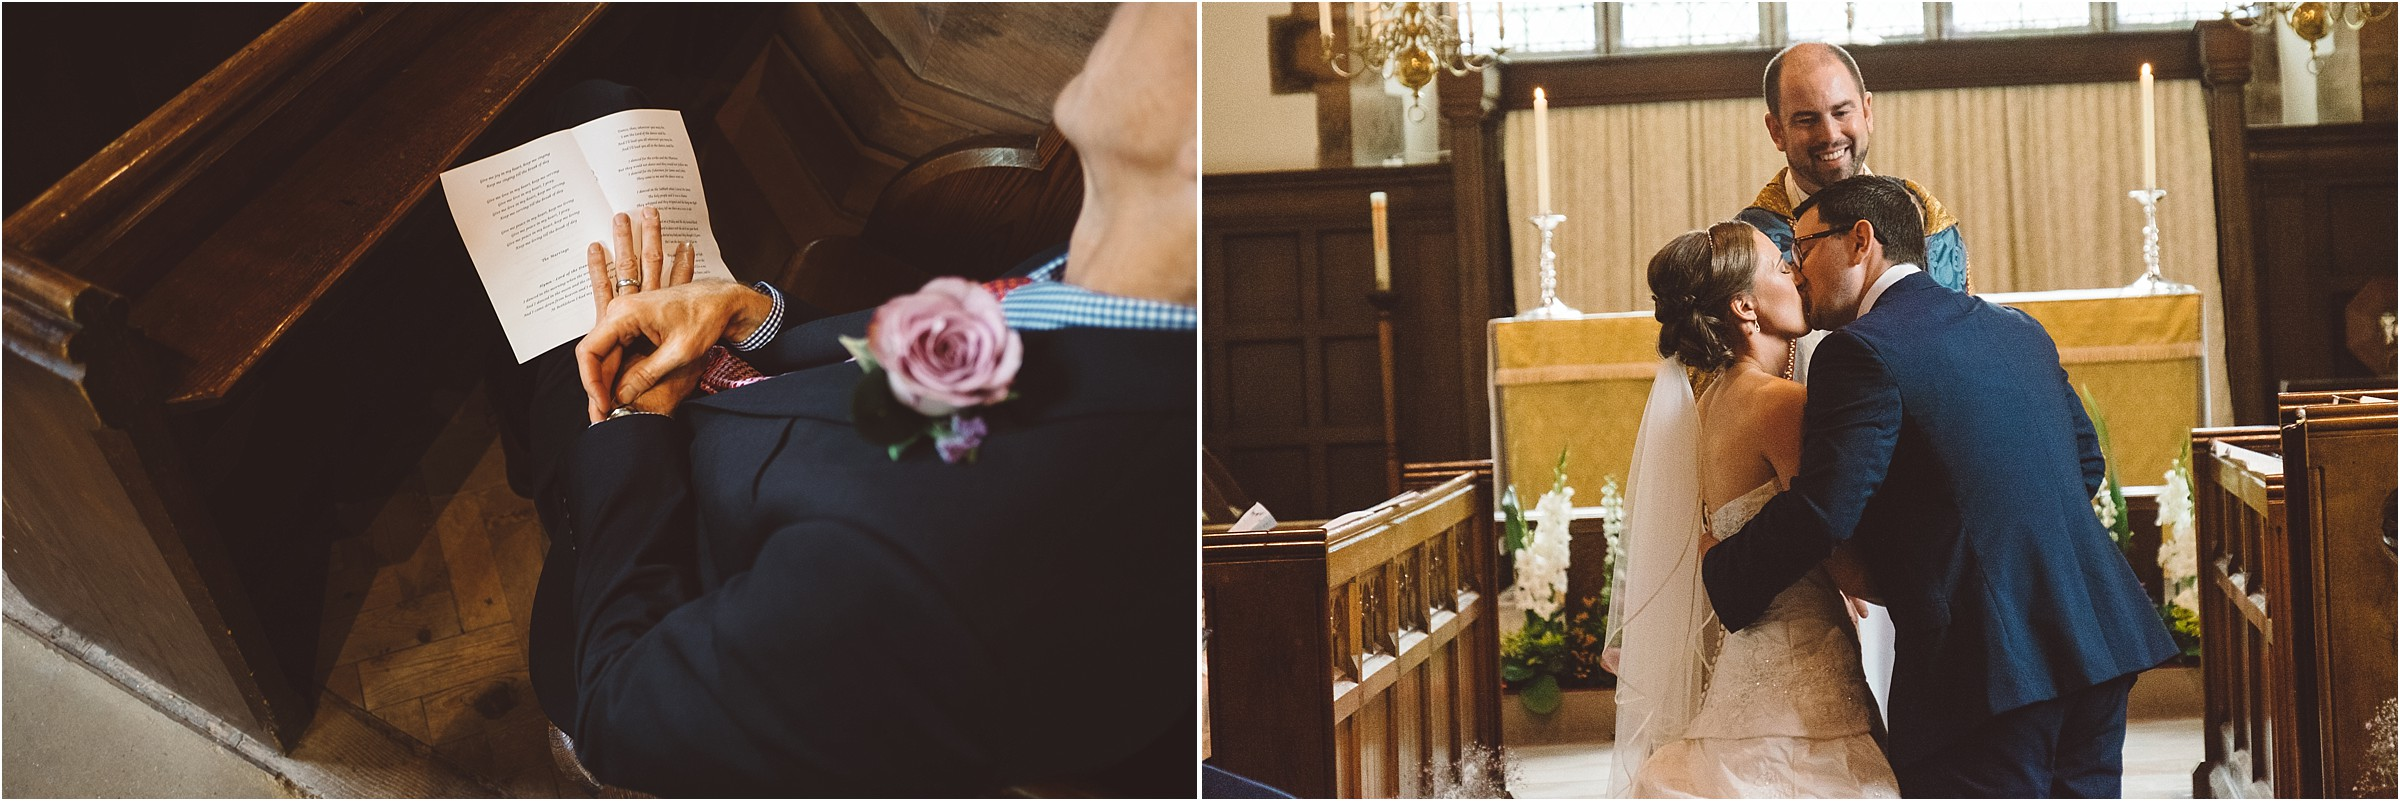 099 tipi wedding E2010744